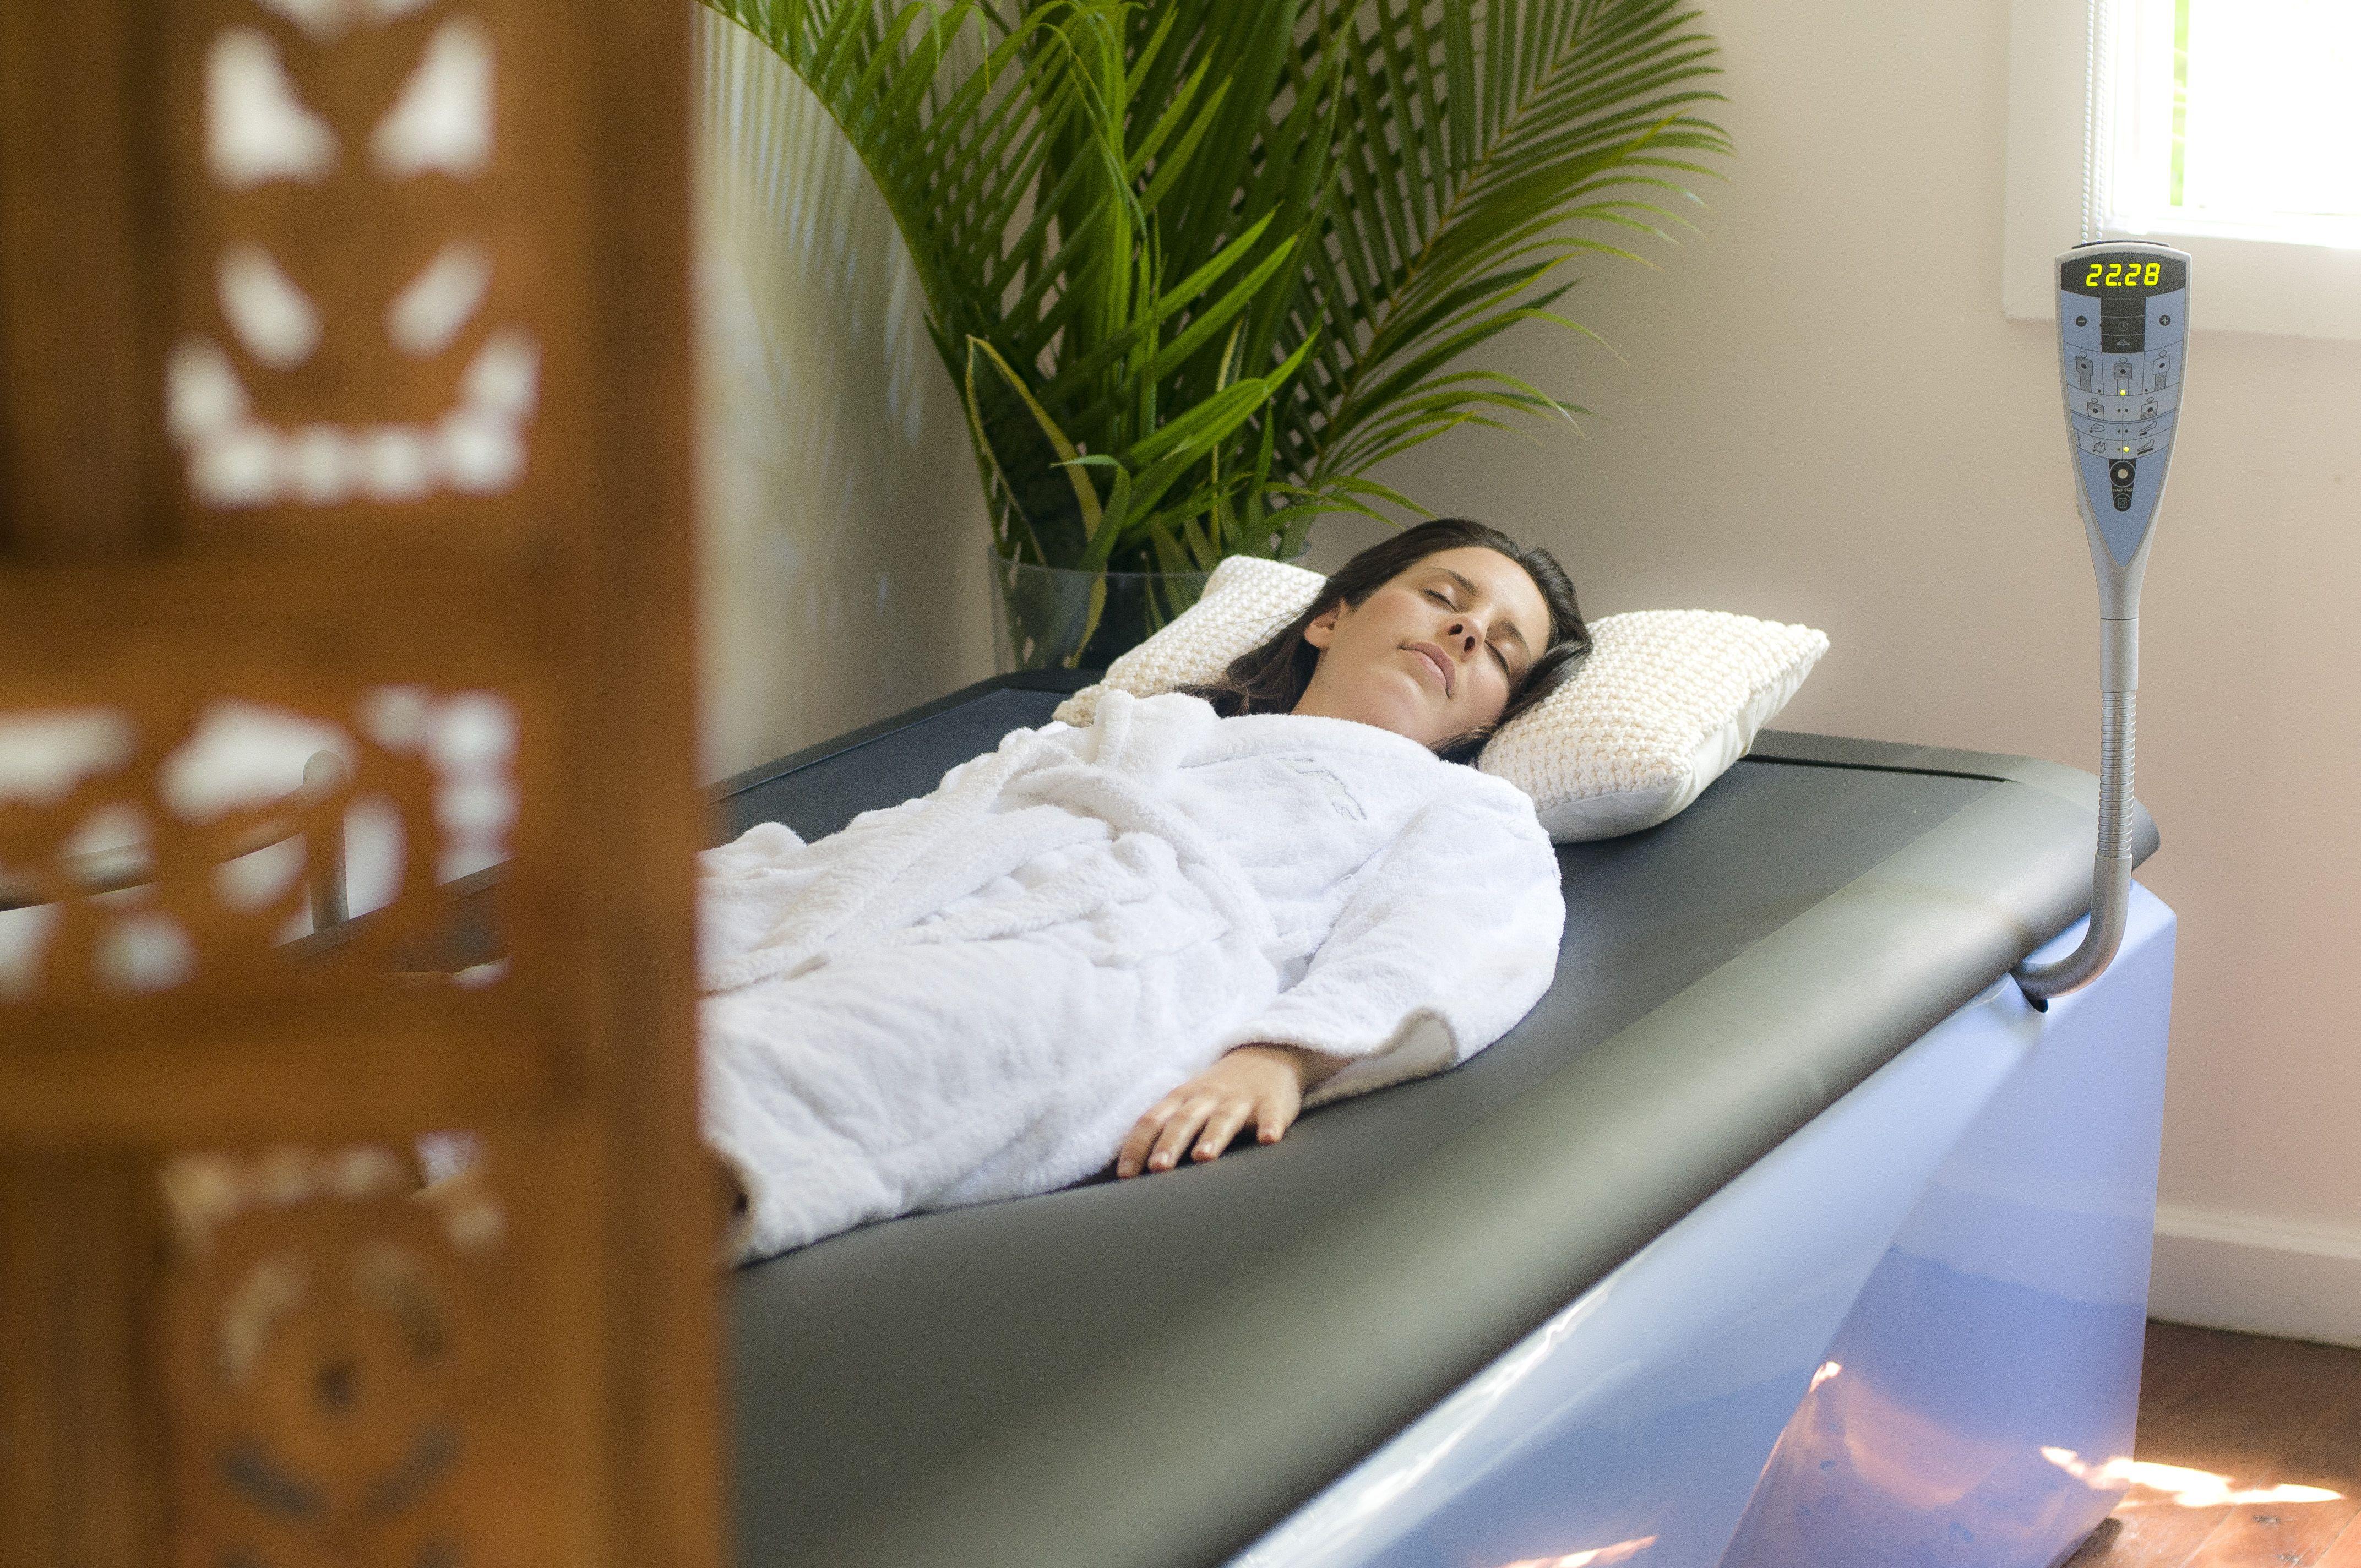 Dry Hydrotherapy Massage Dry Hydrotherapy Massage Beds -6159